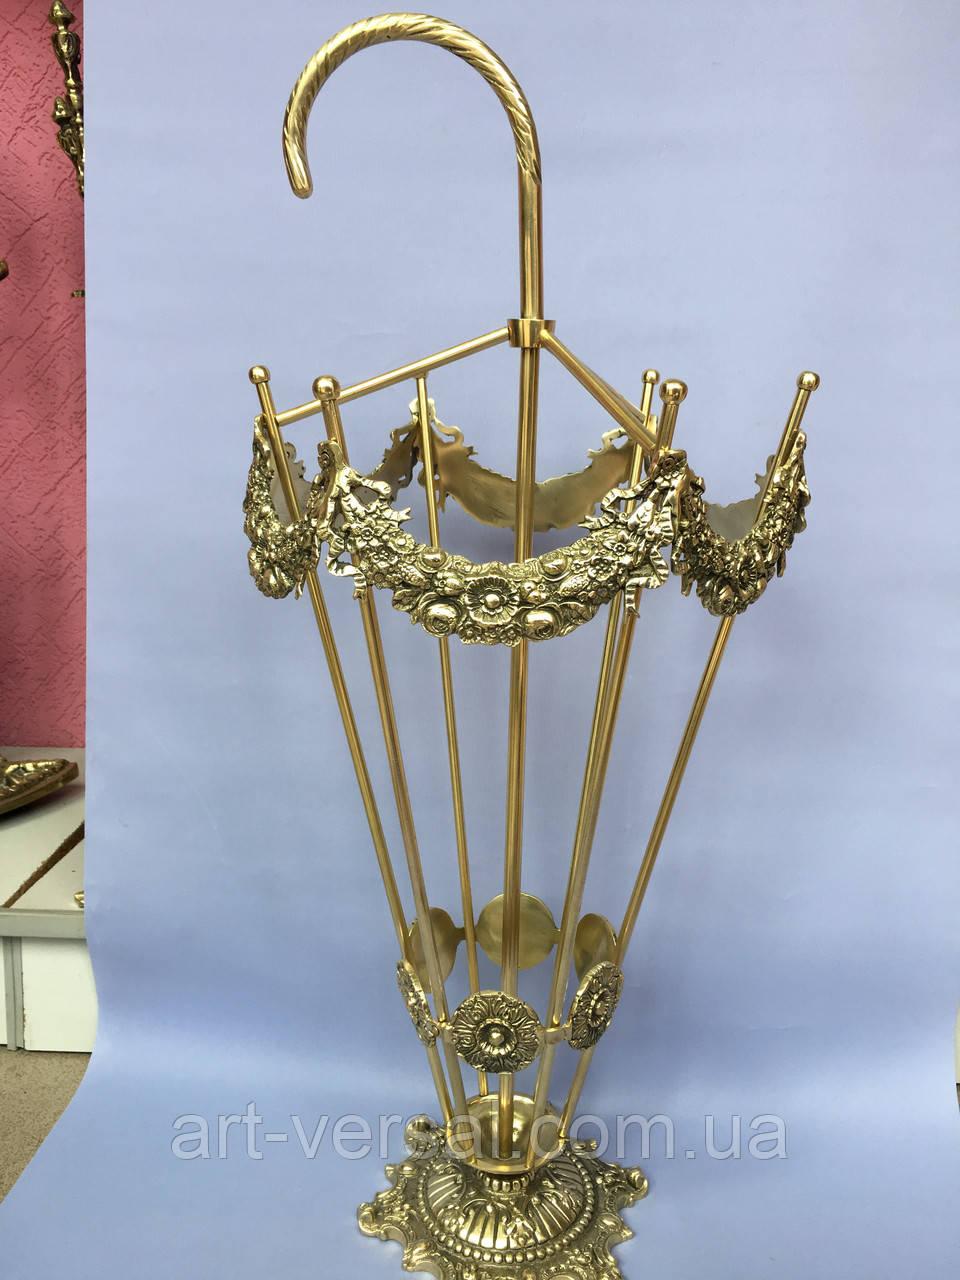 Ажурная подставка для зонтов из бронзы